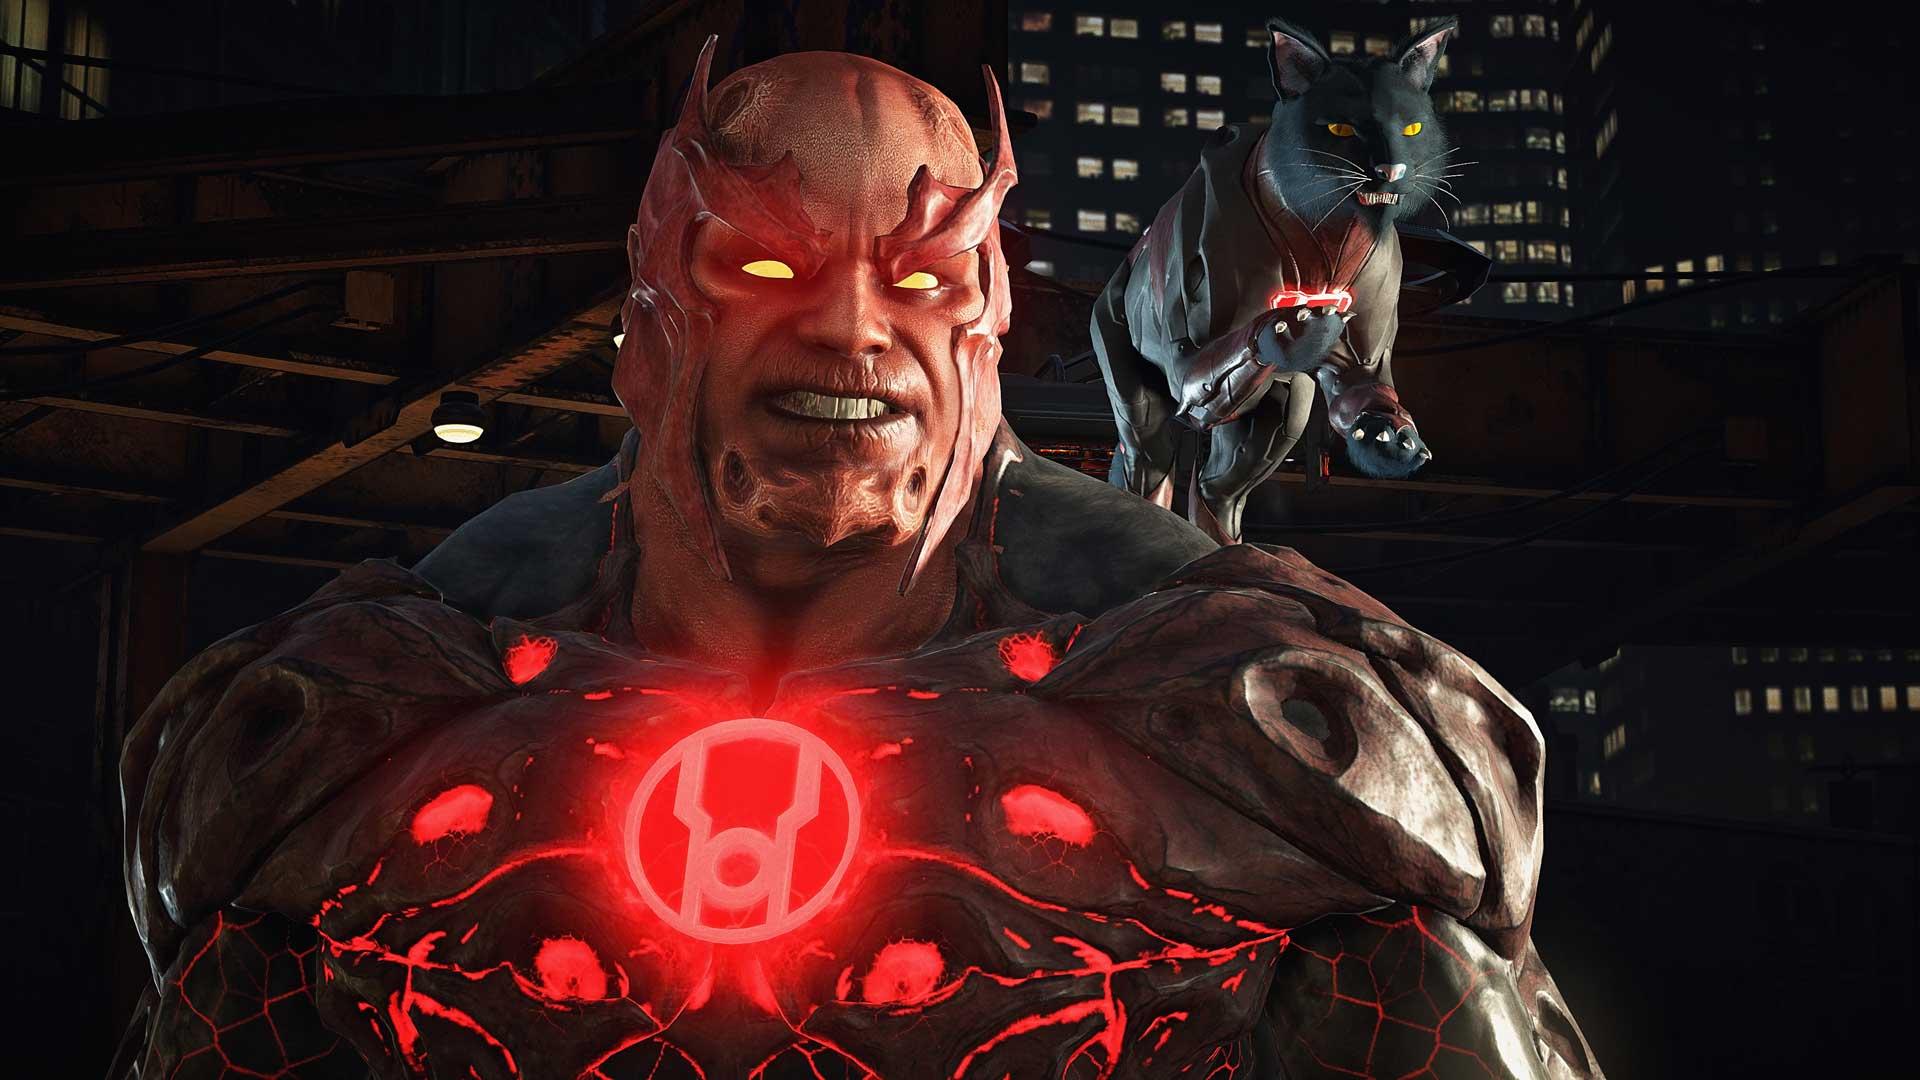 Скриншот №1 к Injustice 2 — легендарное издание